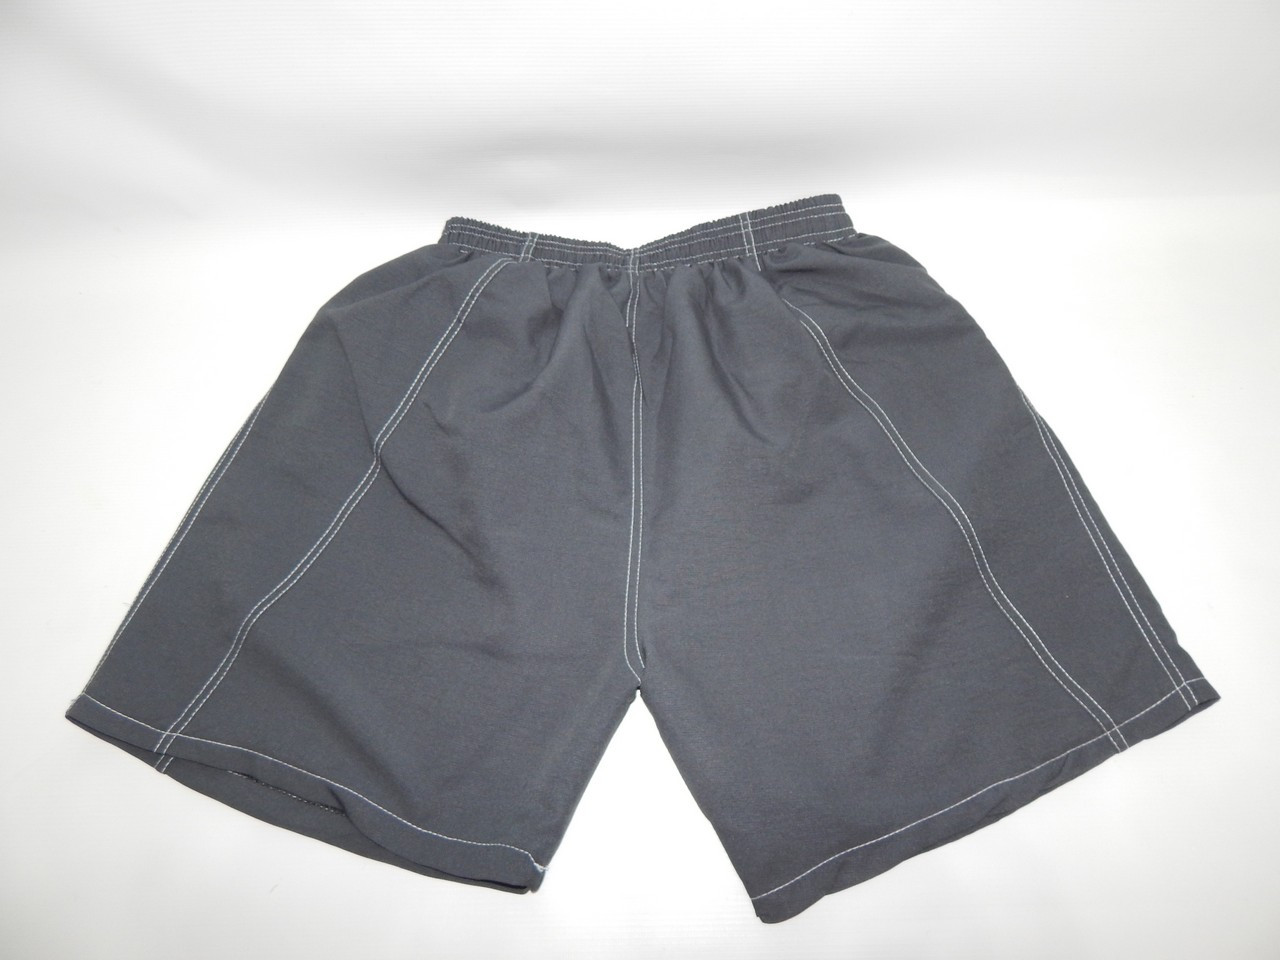 Чоловічі спортивні шорти Sport р. 50 018SHM